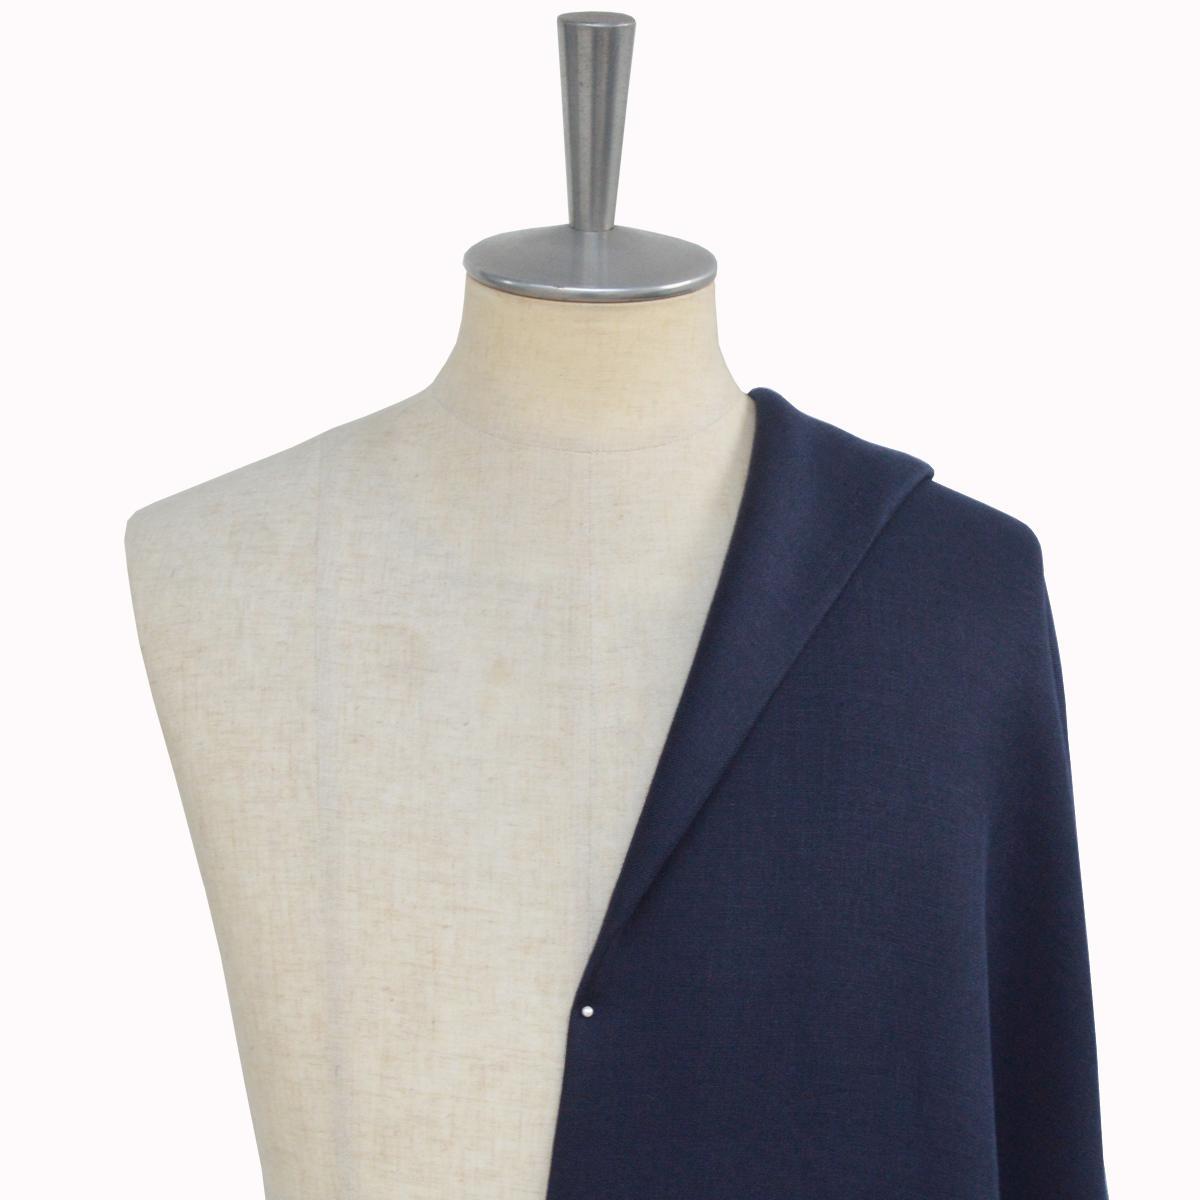 [オーダーレディーススーツ スカートセット]爽やかなネイビースーツでお洒落をコーデ!